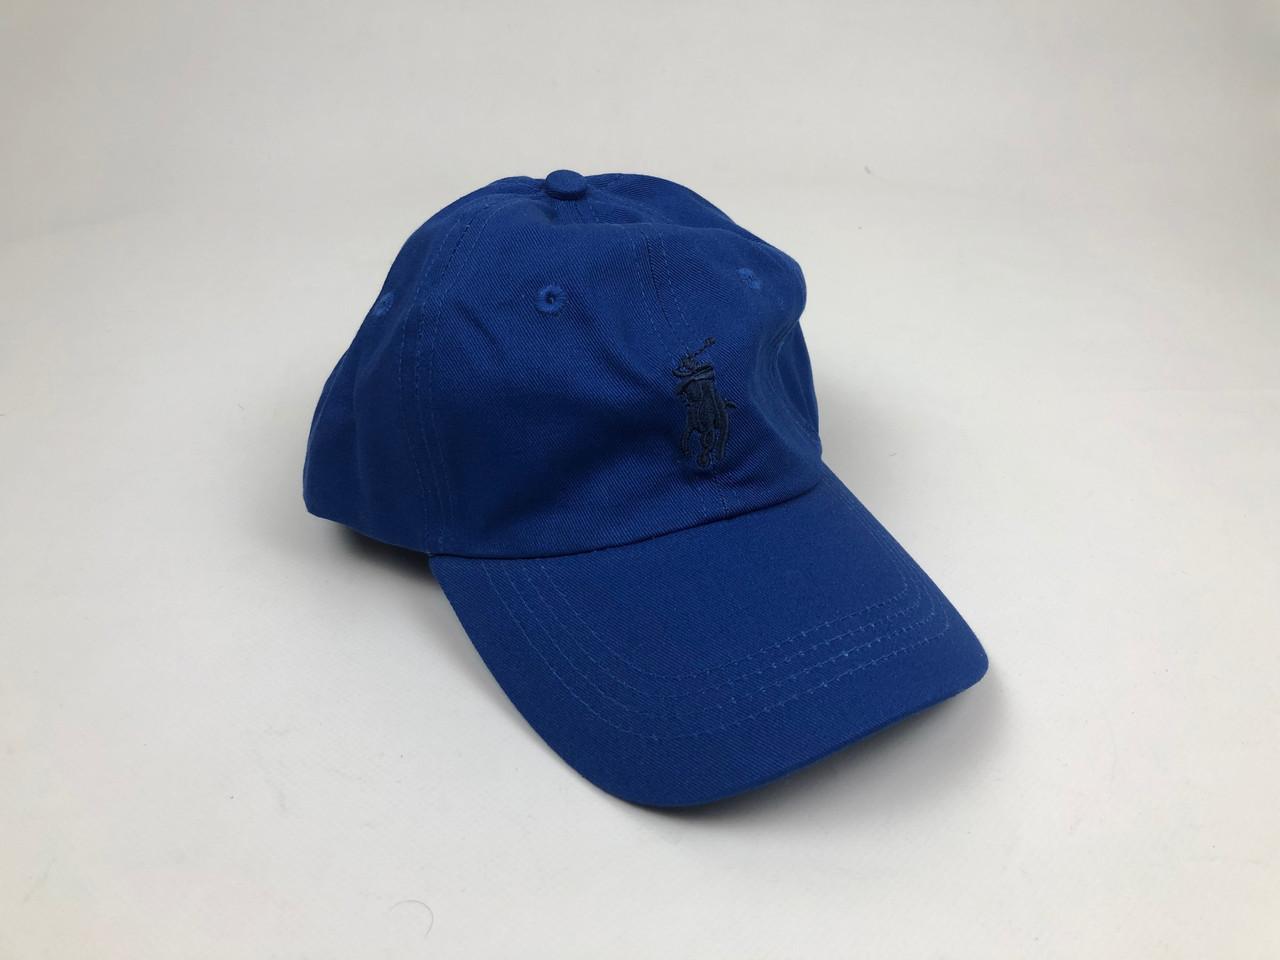 Кекпка Polo Ralph Lauren кожаный ремешок (Синяя, Темно-синее лого)